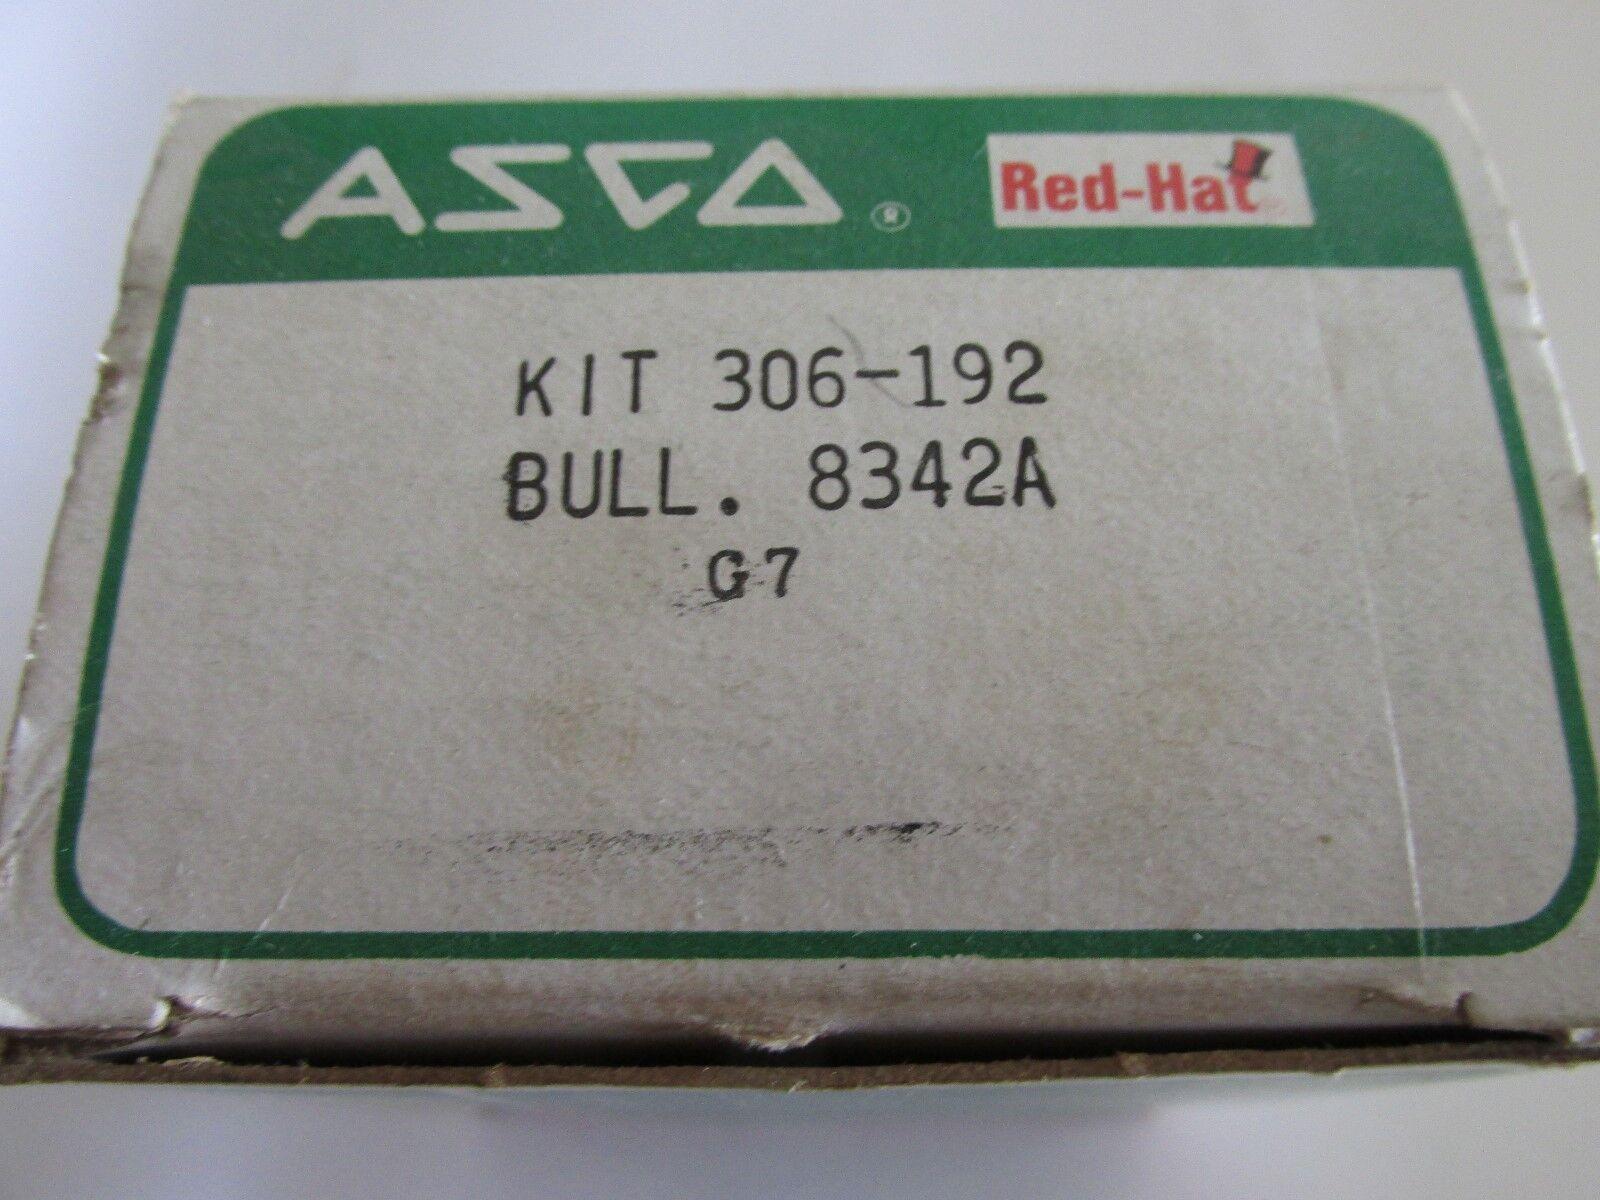 ASCO 306-192 KIT BUL. 8342A